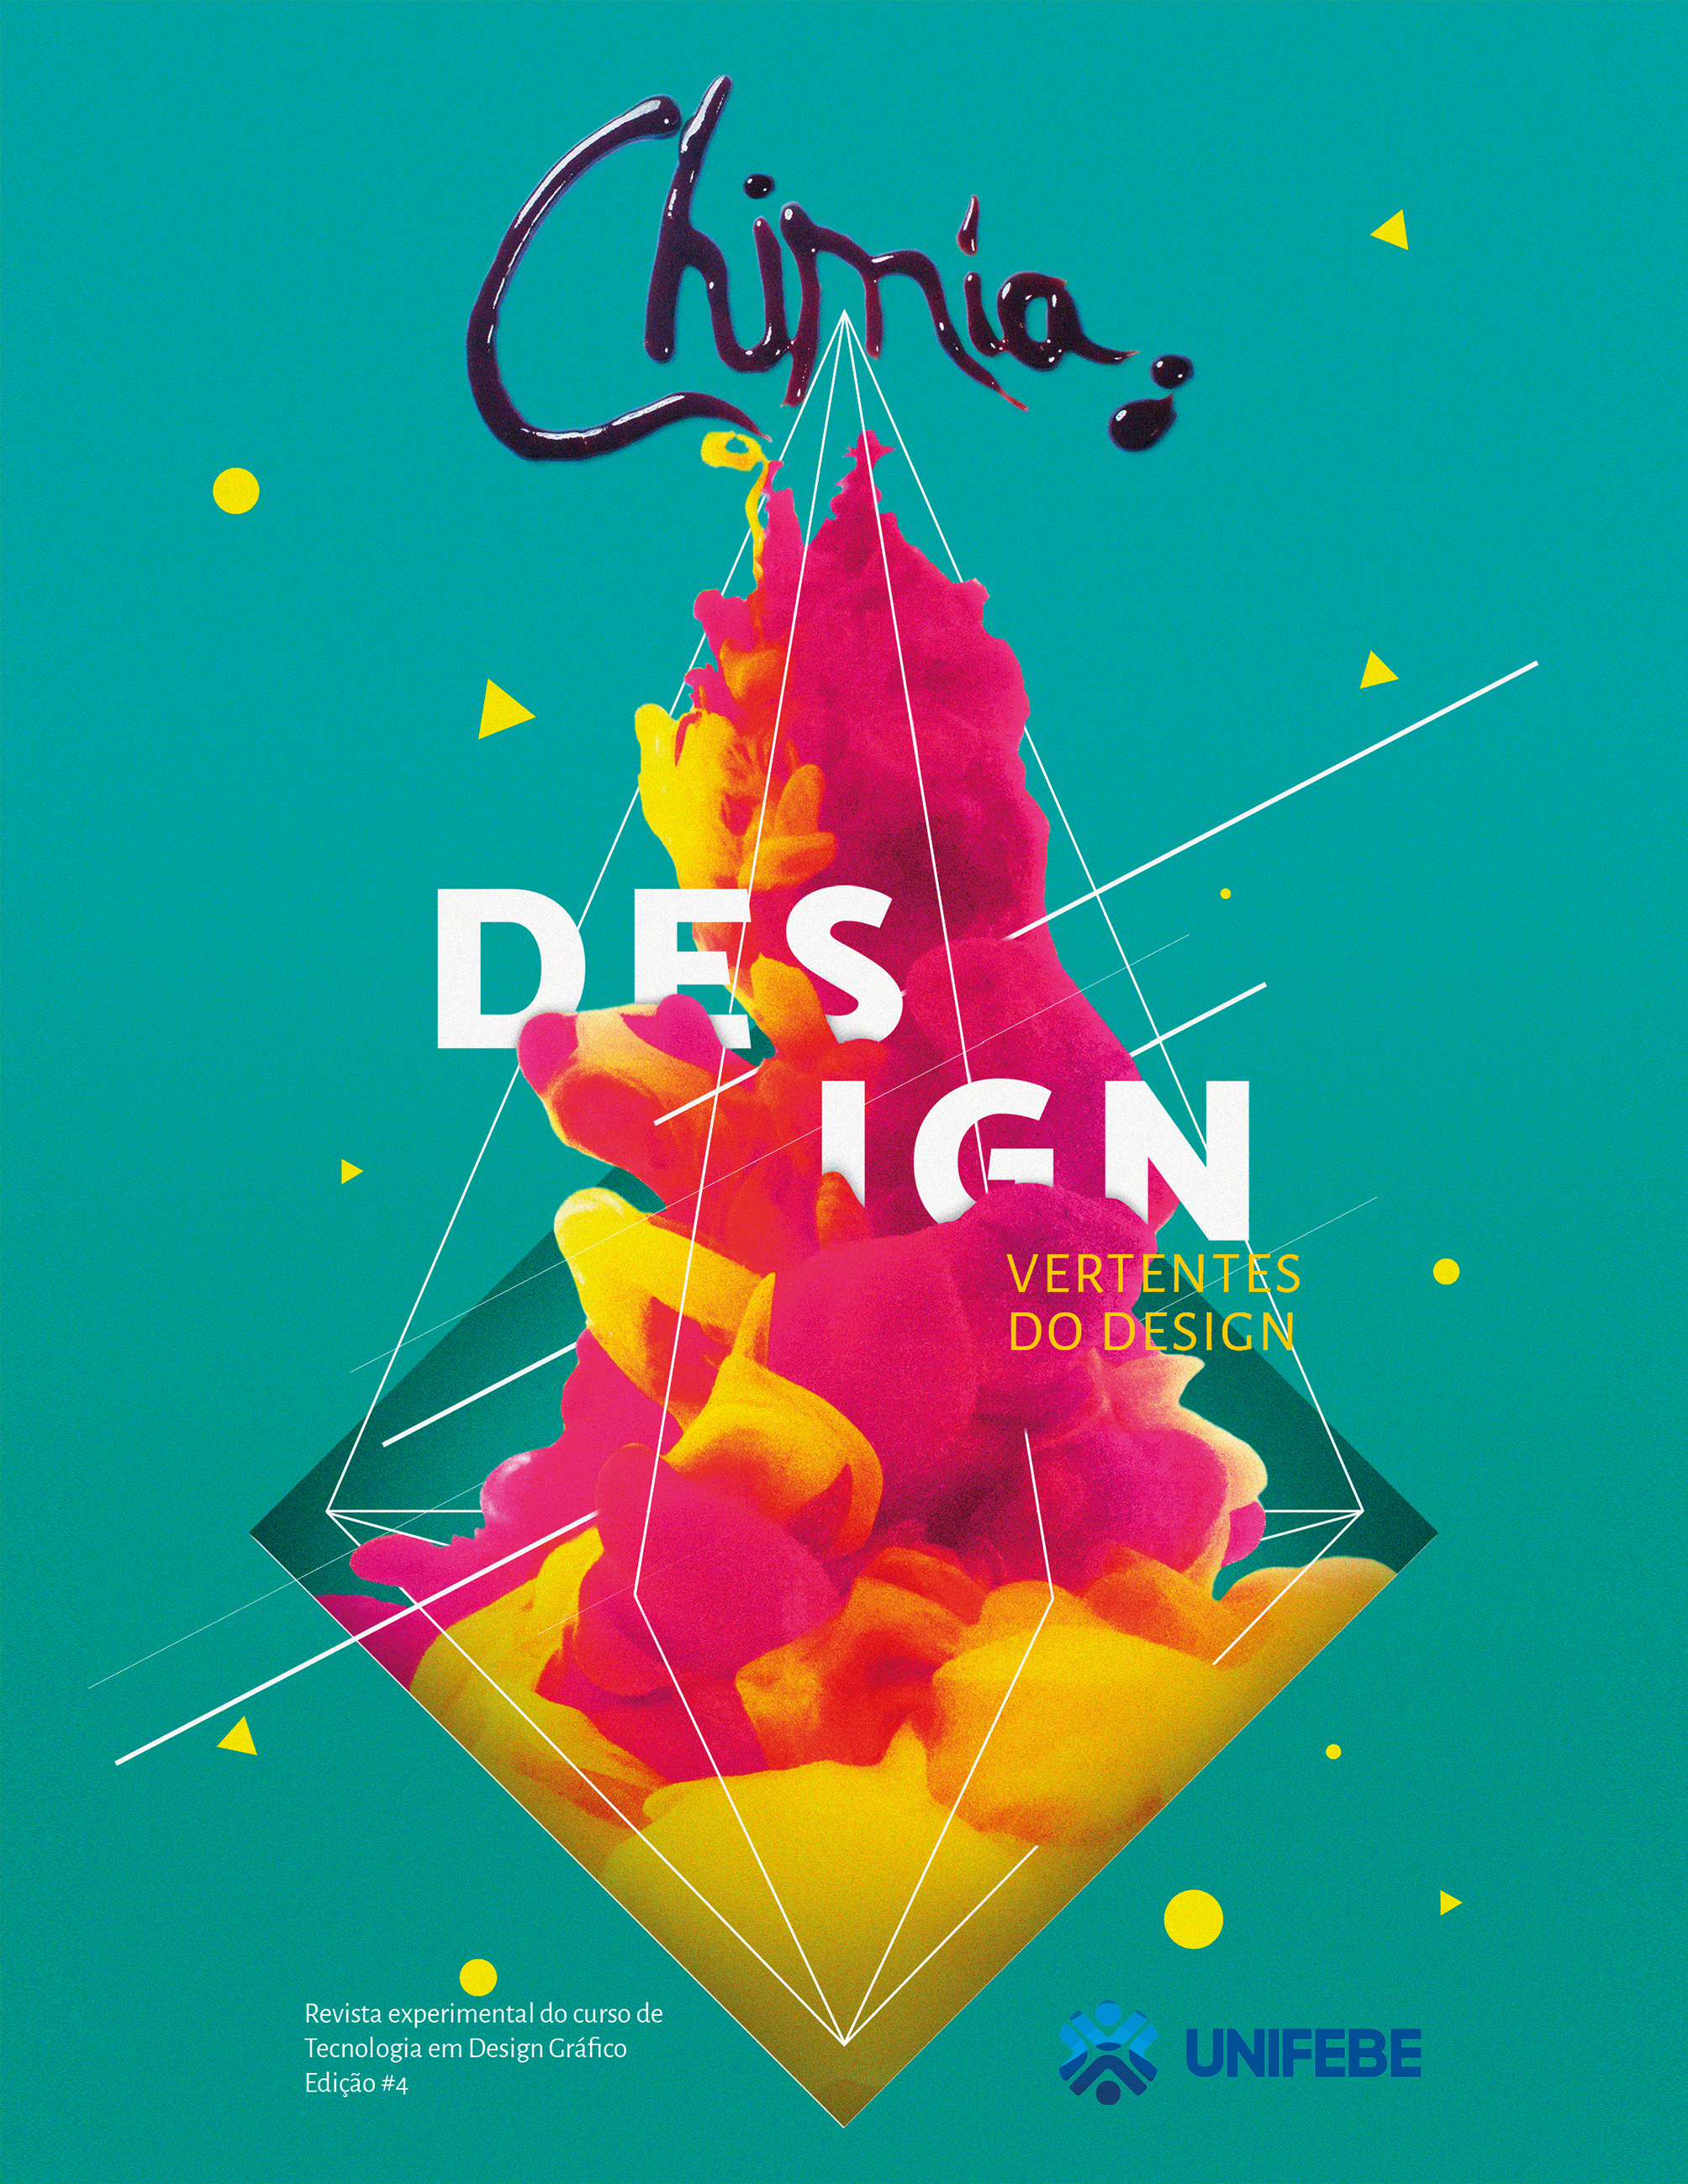 revista-chimia-nº-04-2016-design-grafico-unifebe